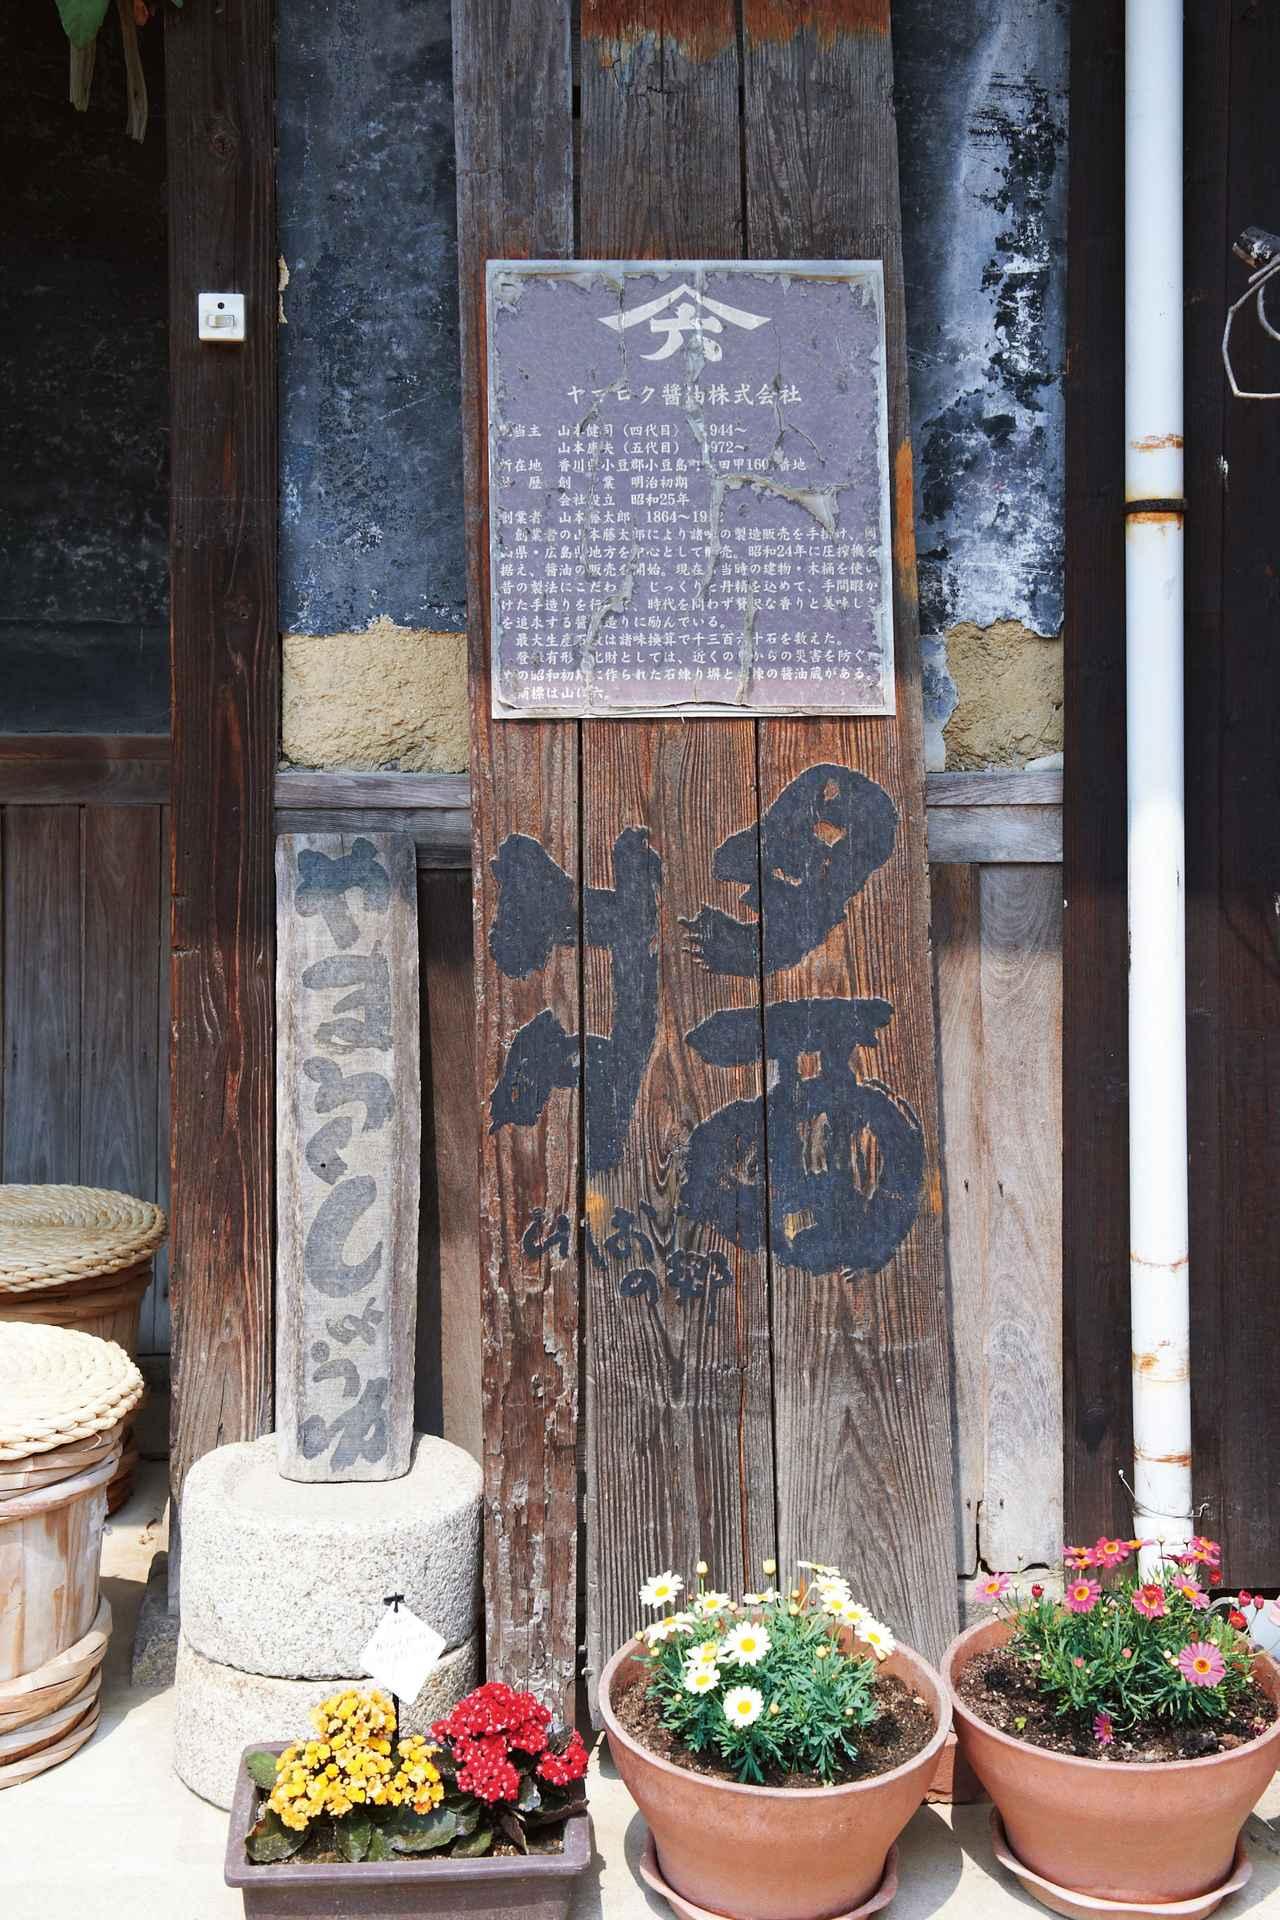 画像: 建物は有形文化財に指定されている。壁が黒いのは、戦時中に爆撃を避けるため墨で塗りつぶしたことによる